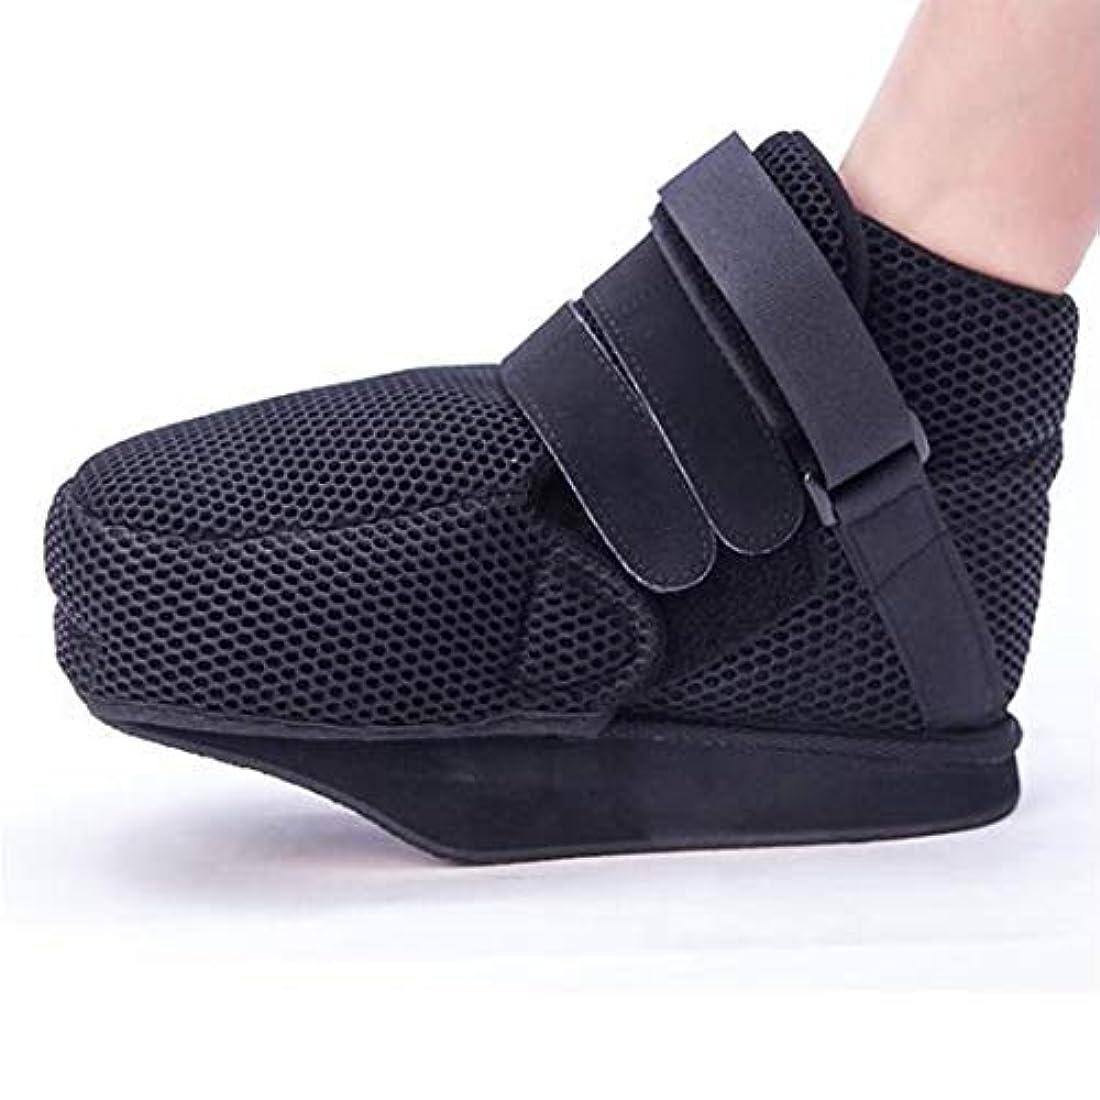 遊び場便利正当化する医療足骨折石膏の回復靴の手術後のつま先の靴を安定化骨折の靴を調整可能なファスナーで完全なカバー,S24cm